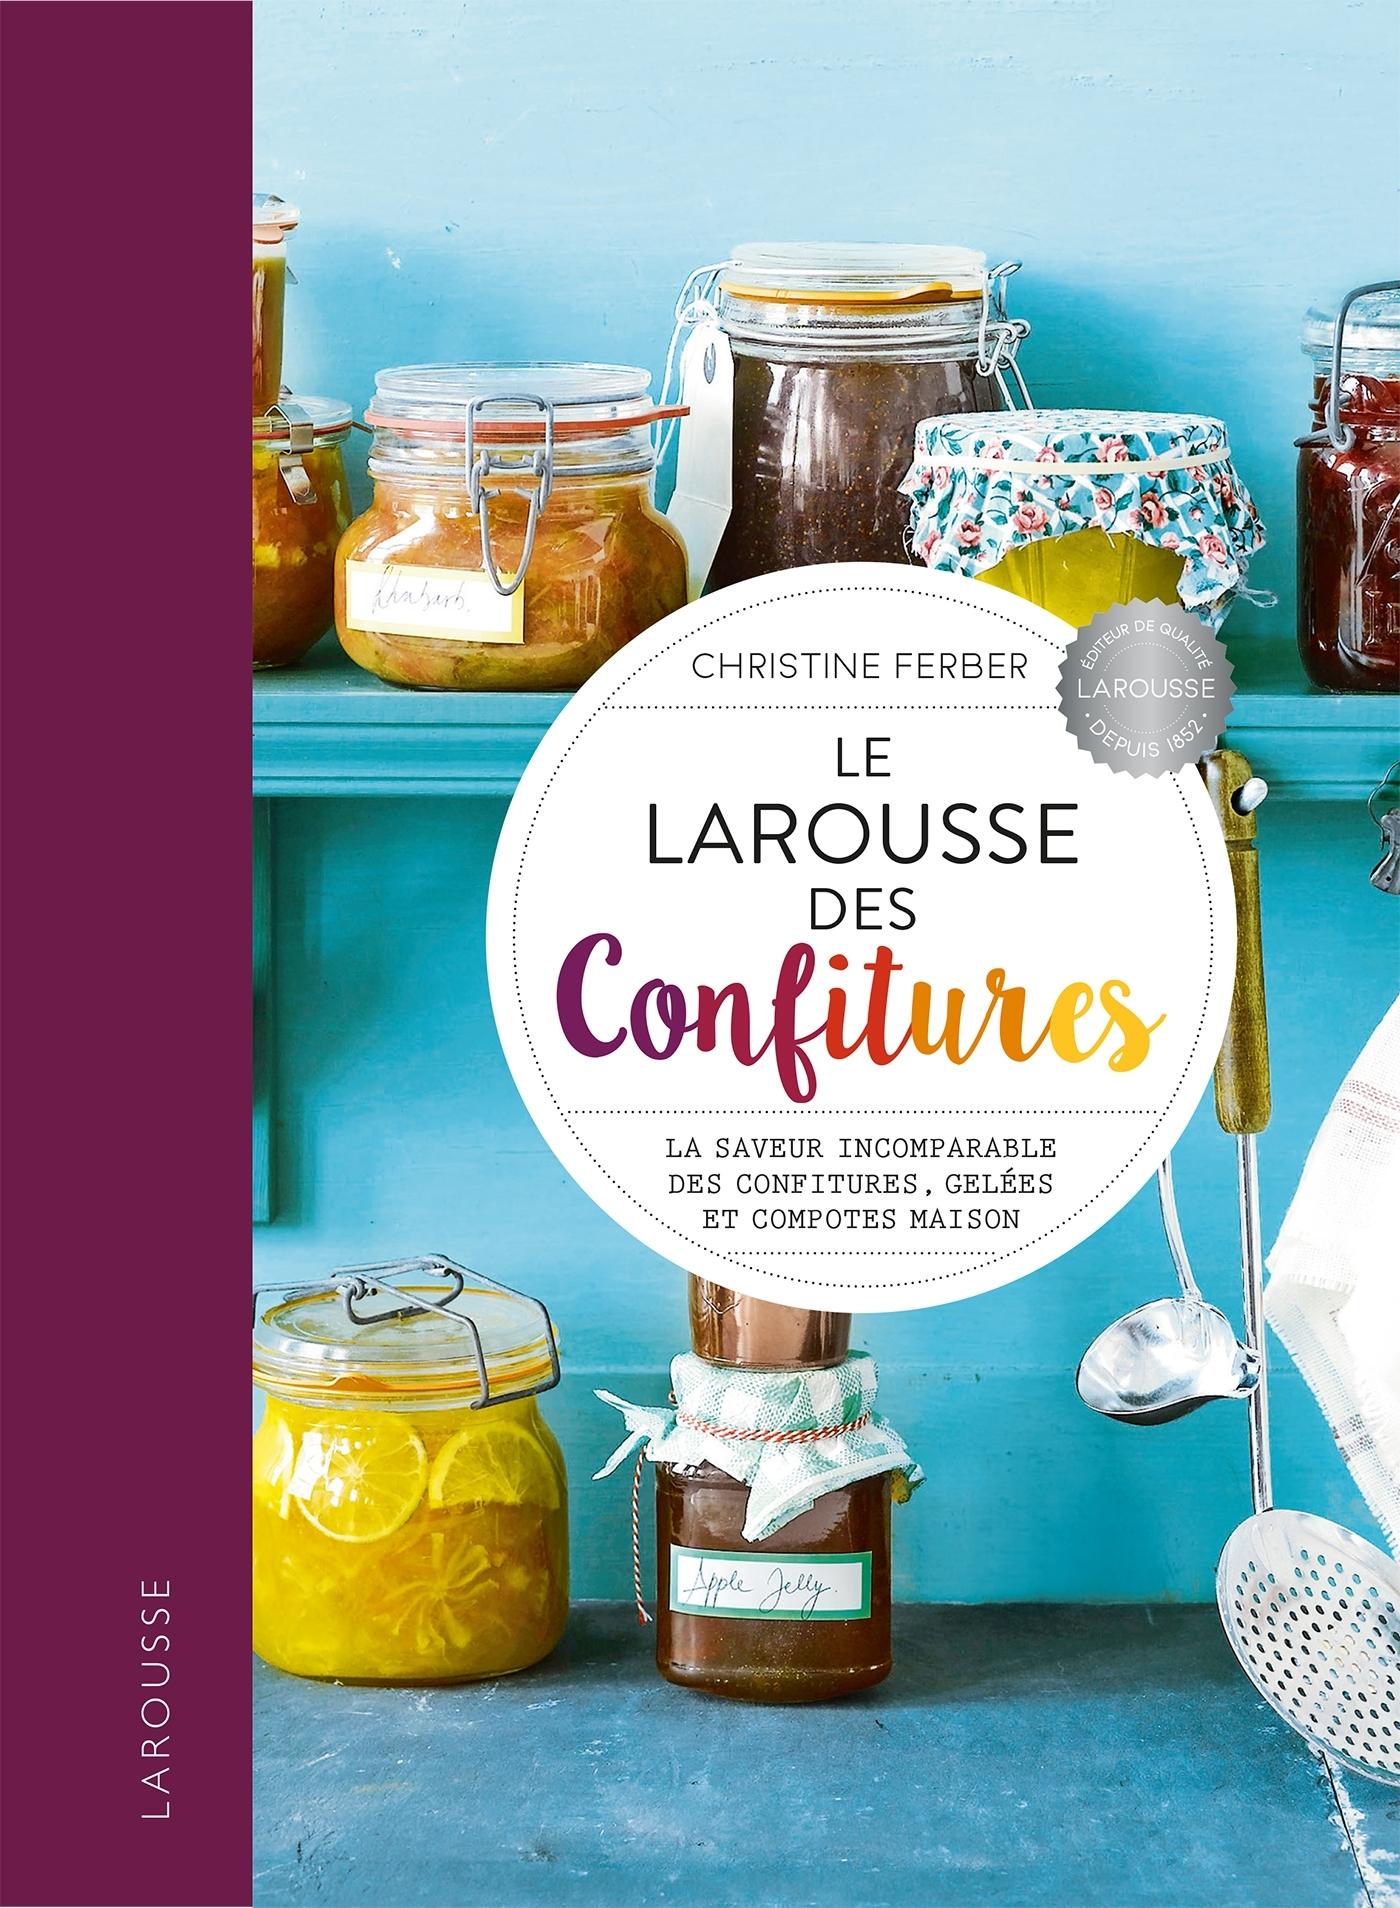 LE LAROUSSE DES CONFITURES